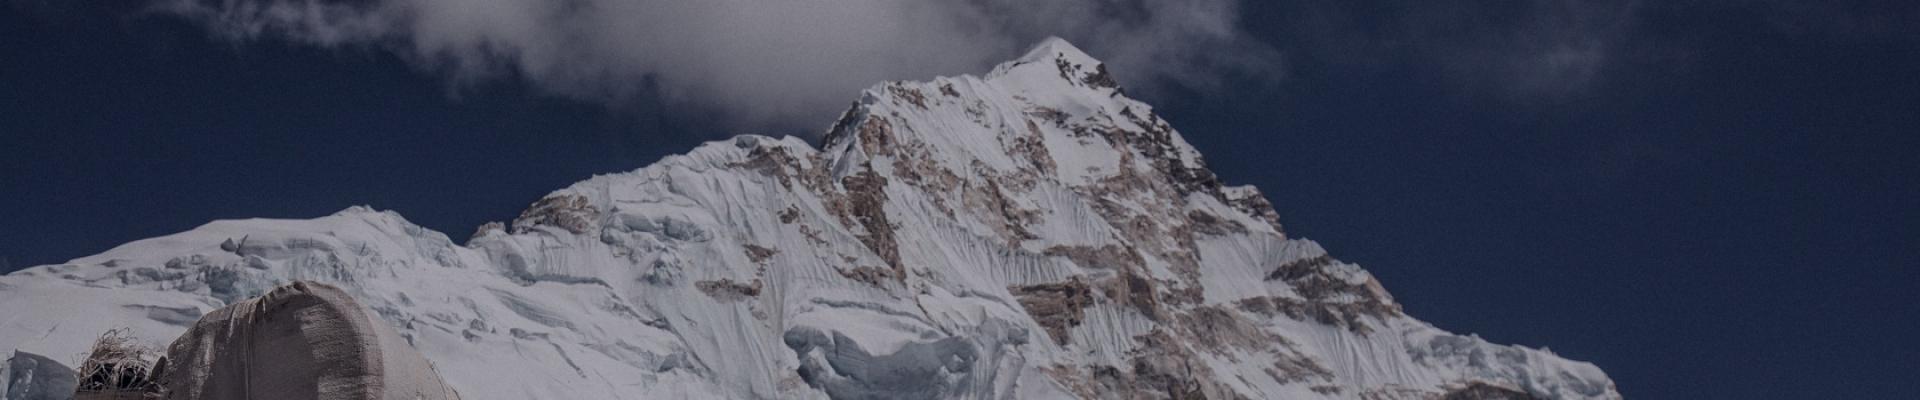 Snow treks in Sikkim, India